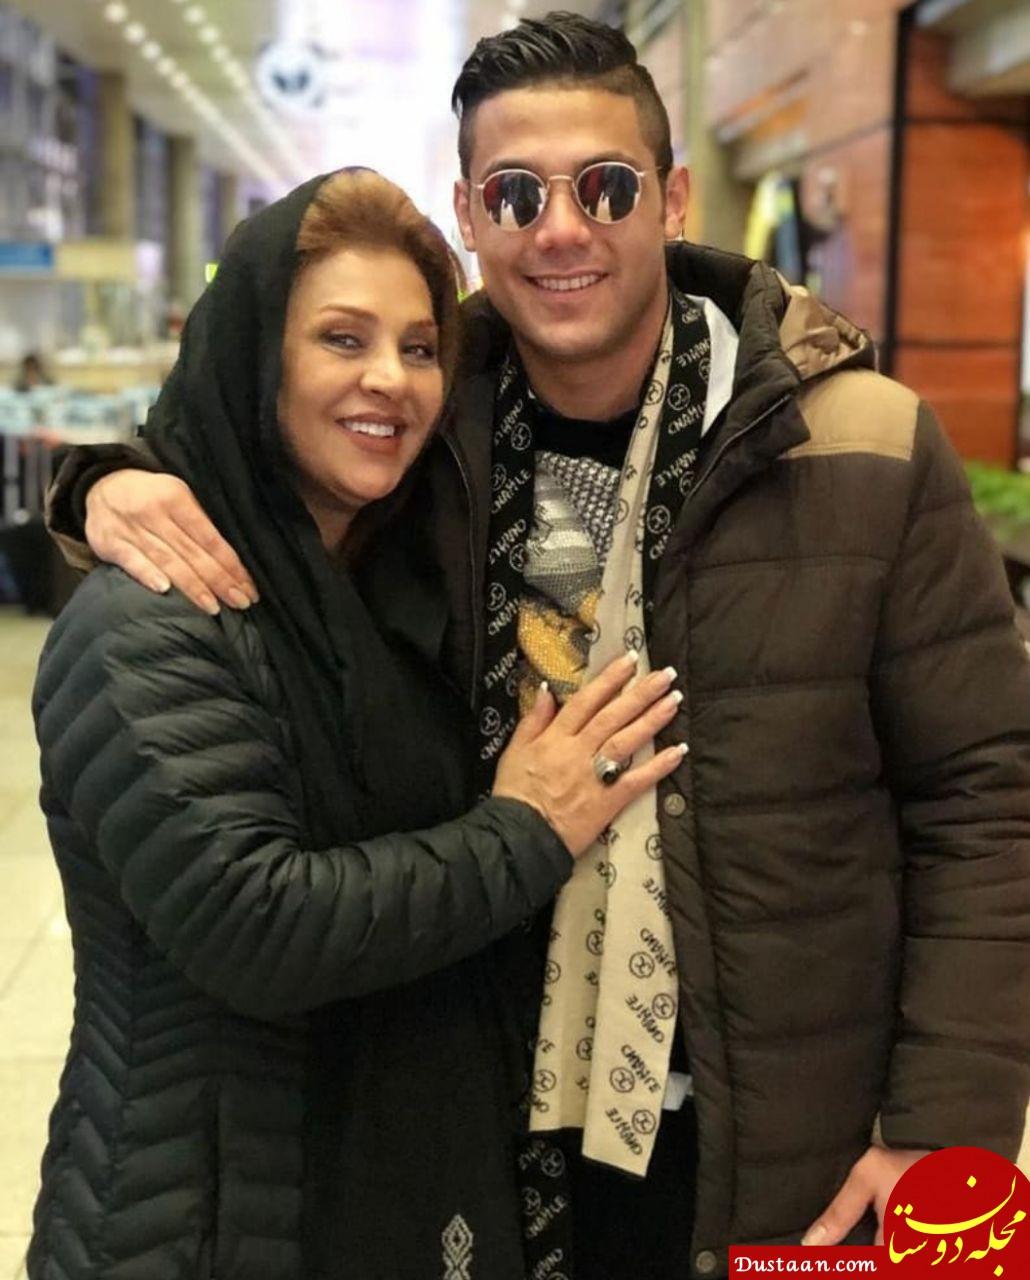 www.dustaan.com بیوگرافی و عکس های نسرین مقانلو ، همسرش کمال خلیلیان و پسرانش عرشیا و آرین